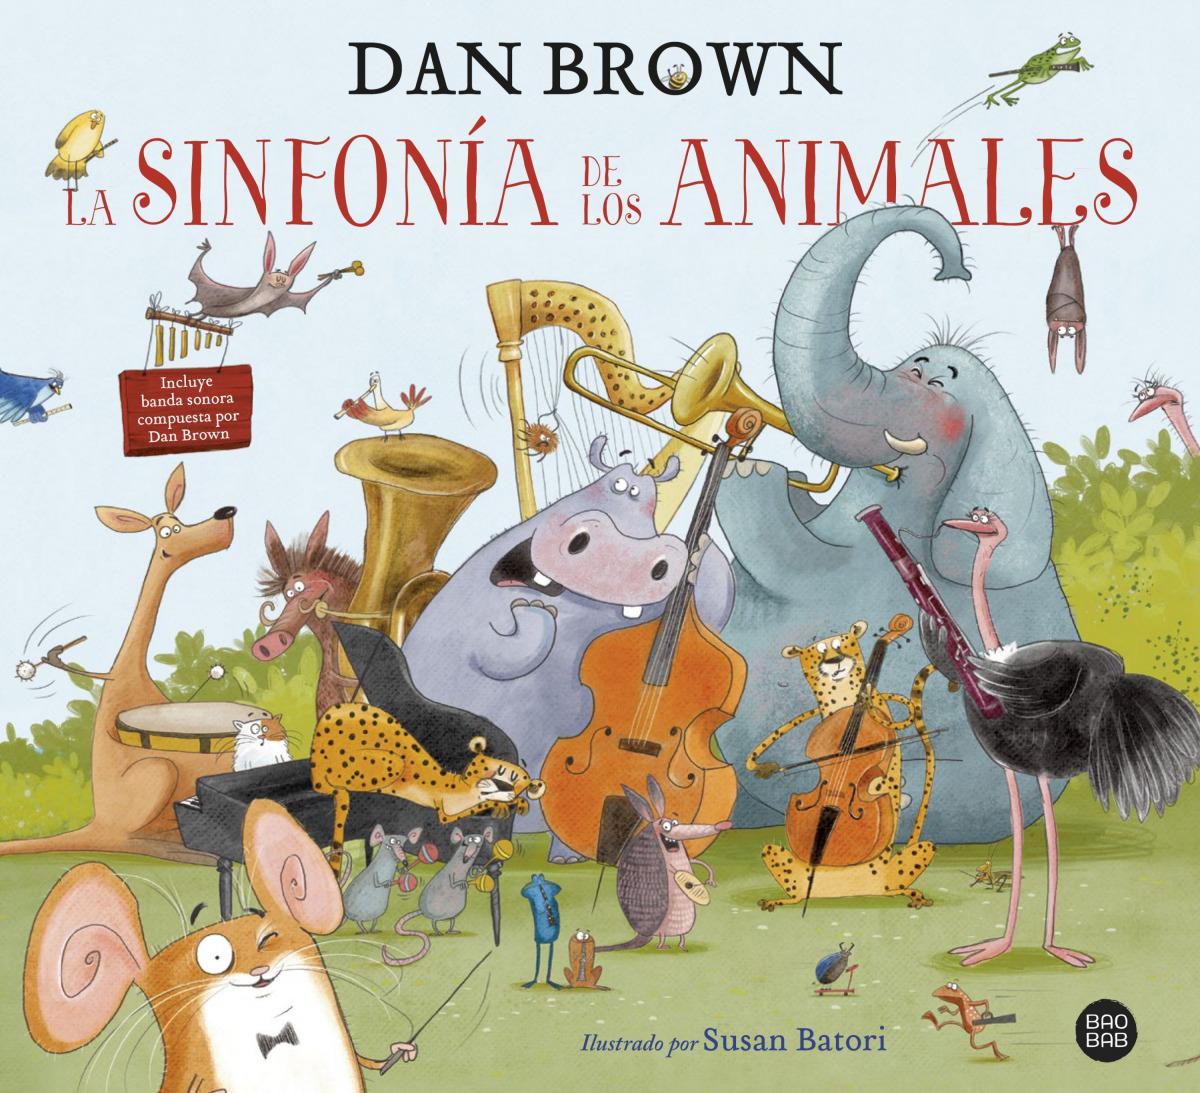 La sinfon¡a de los animales